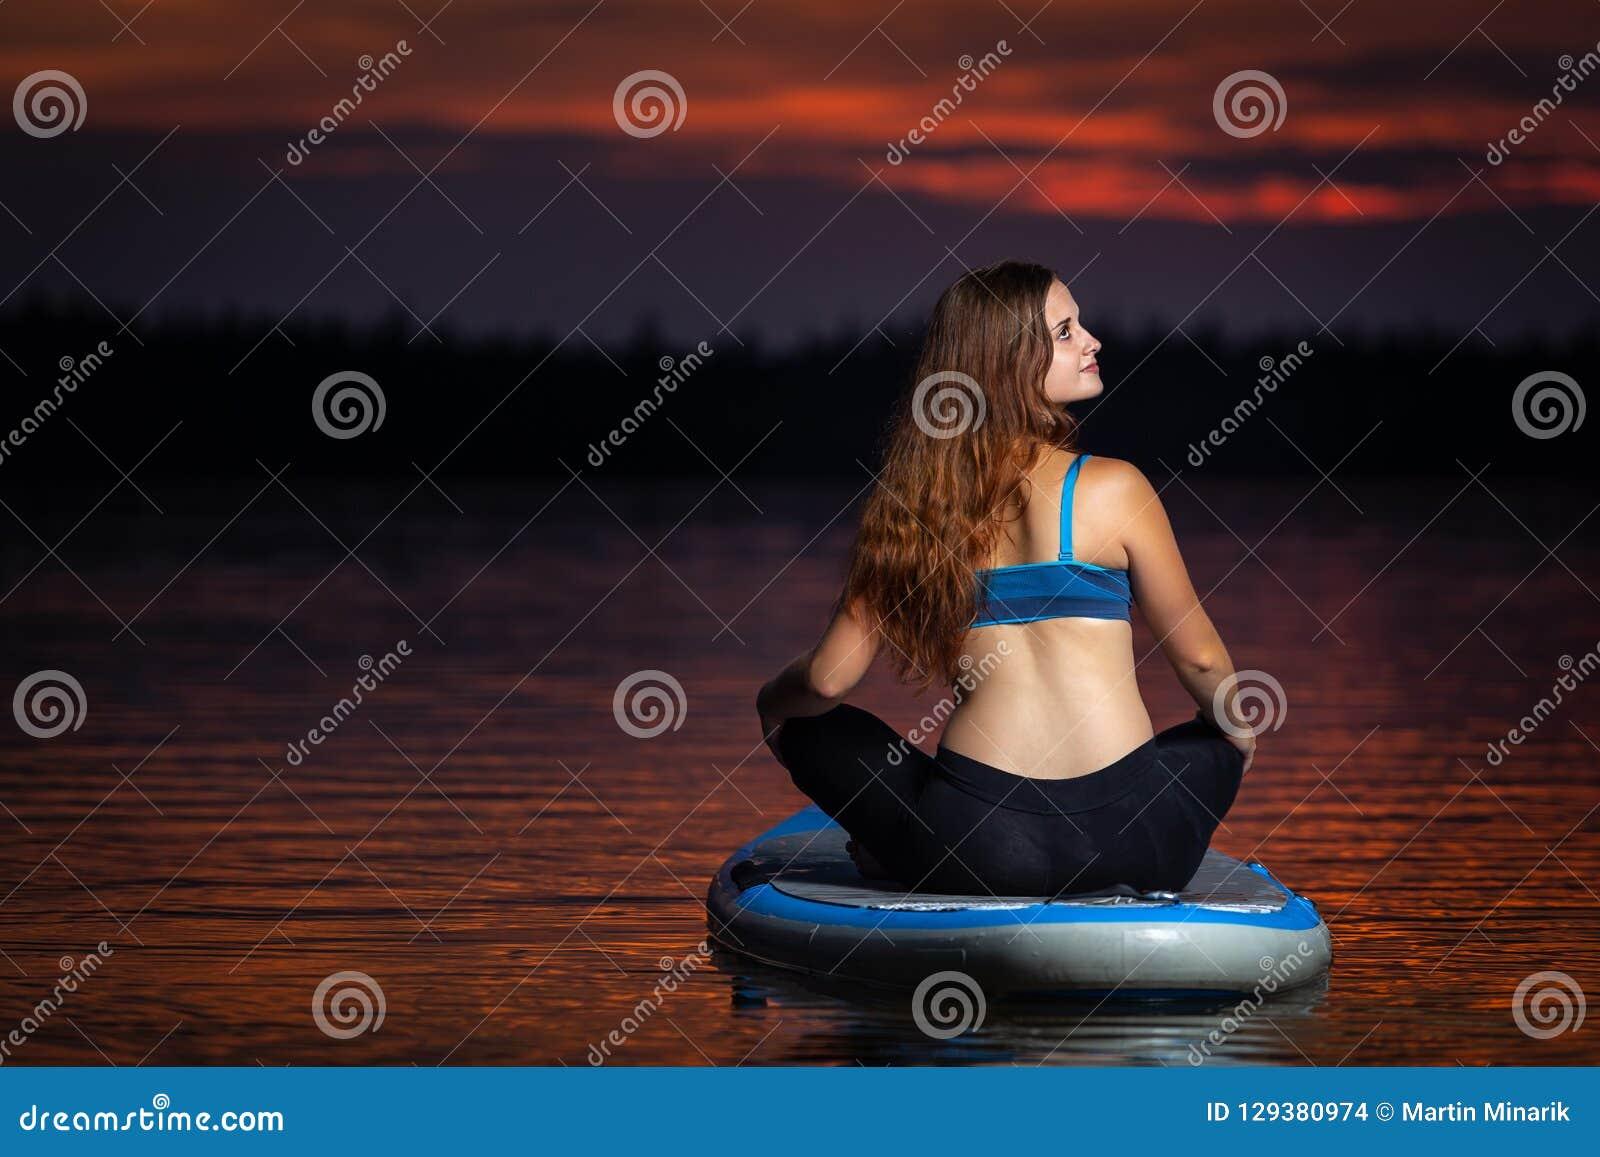 Ragazza che esercita yoga sul paddleboard nel tramonto sul lago scenico Velke Darko